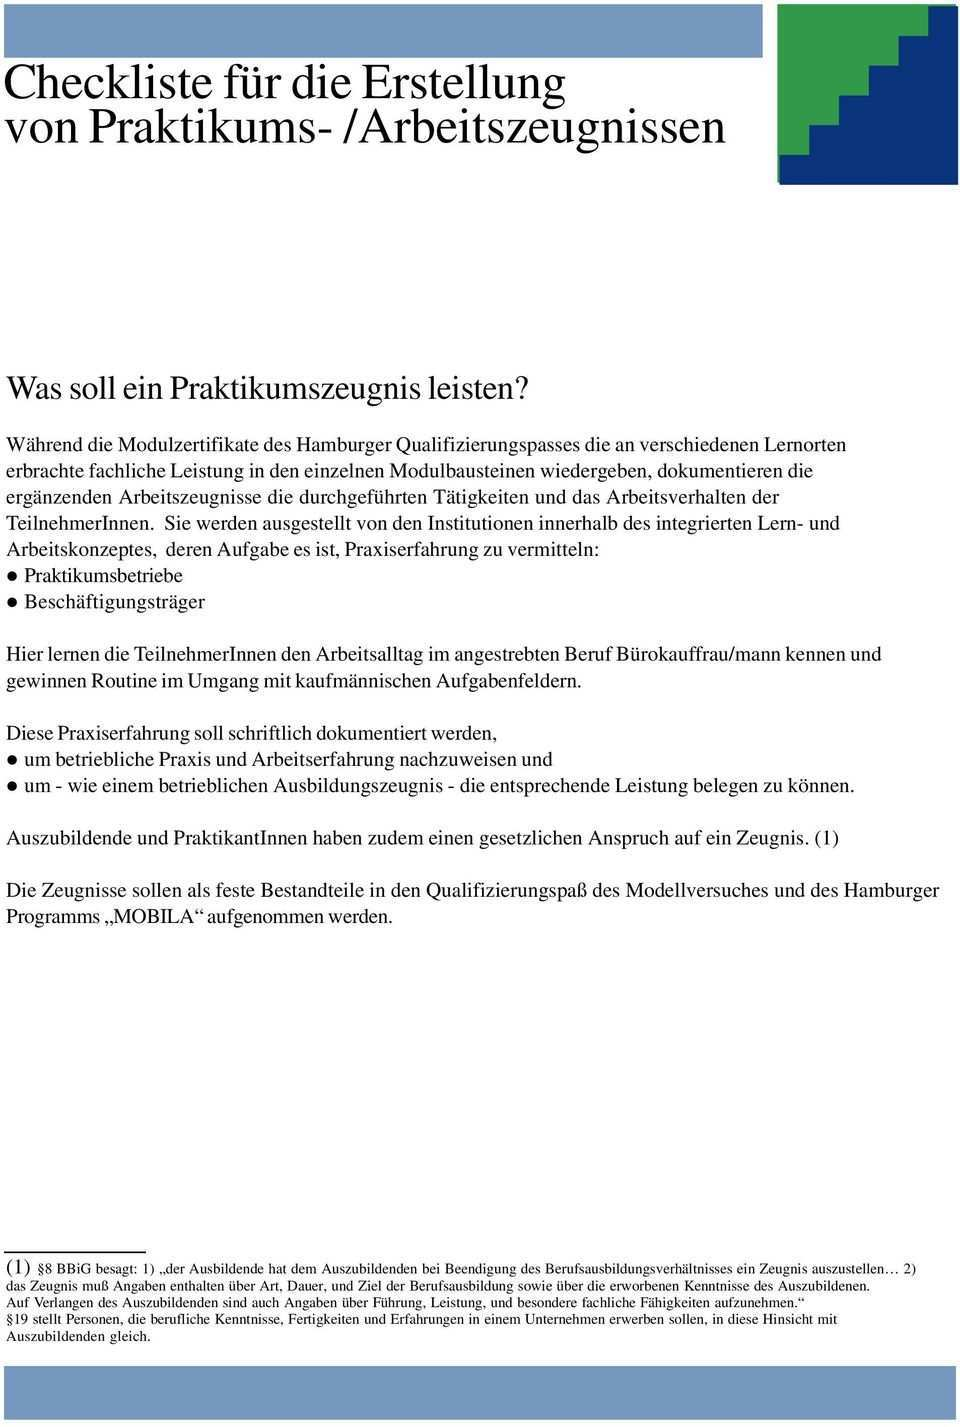 Arbeitszeugnis Berufsabschluss Burokauffrau Und Mann Zebra Eine Handreichung Des Modellversuchs Das Integrierte Arbeits Und Lernkonzept Pdf Free Download